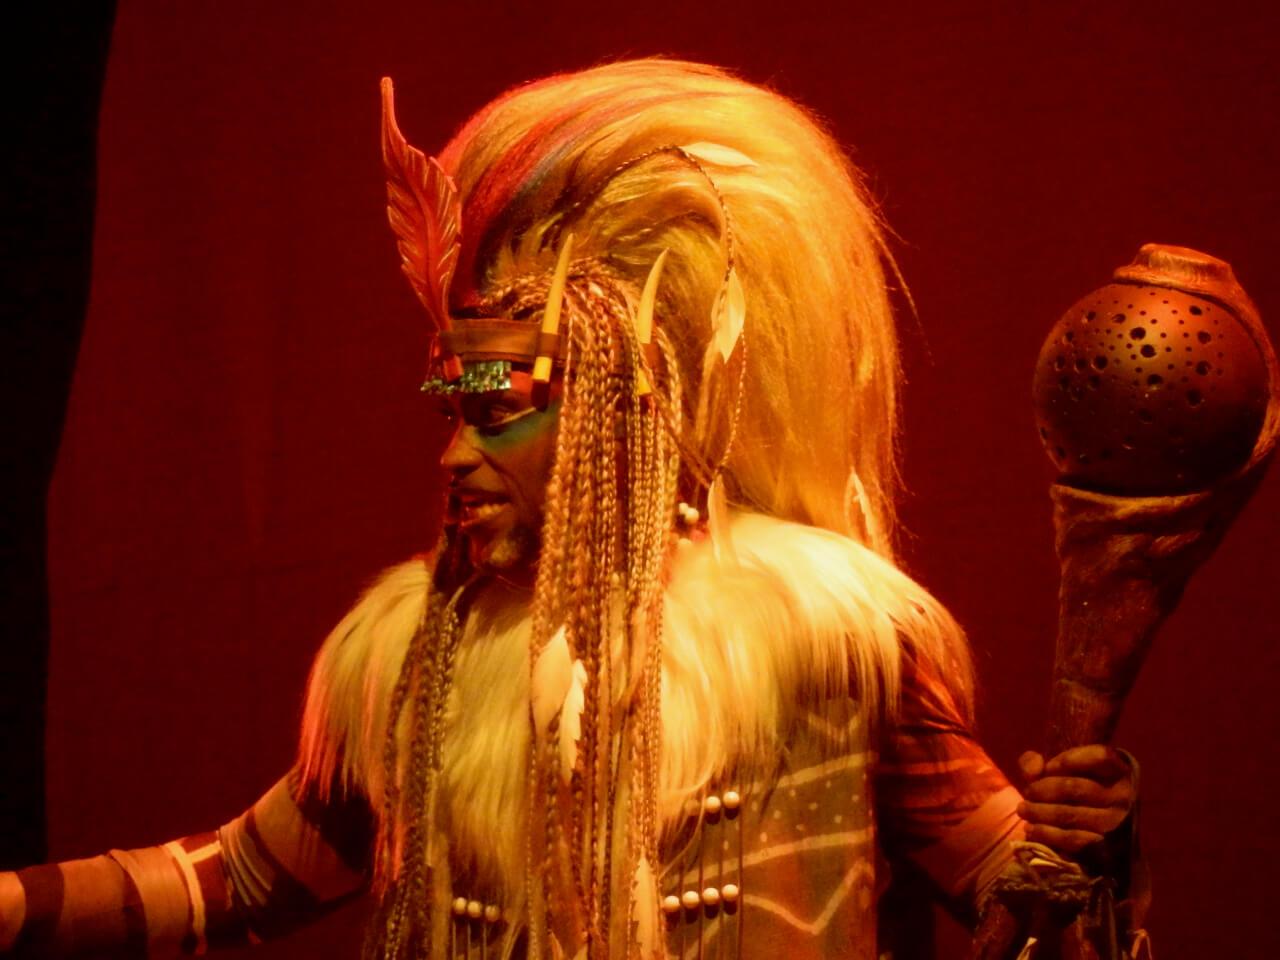 Rafiki en el Show El Rey Leon y los Ritmos de la Tierra en Disneyland Paris